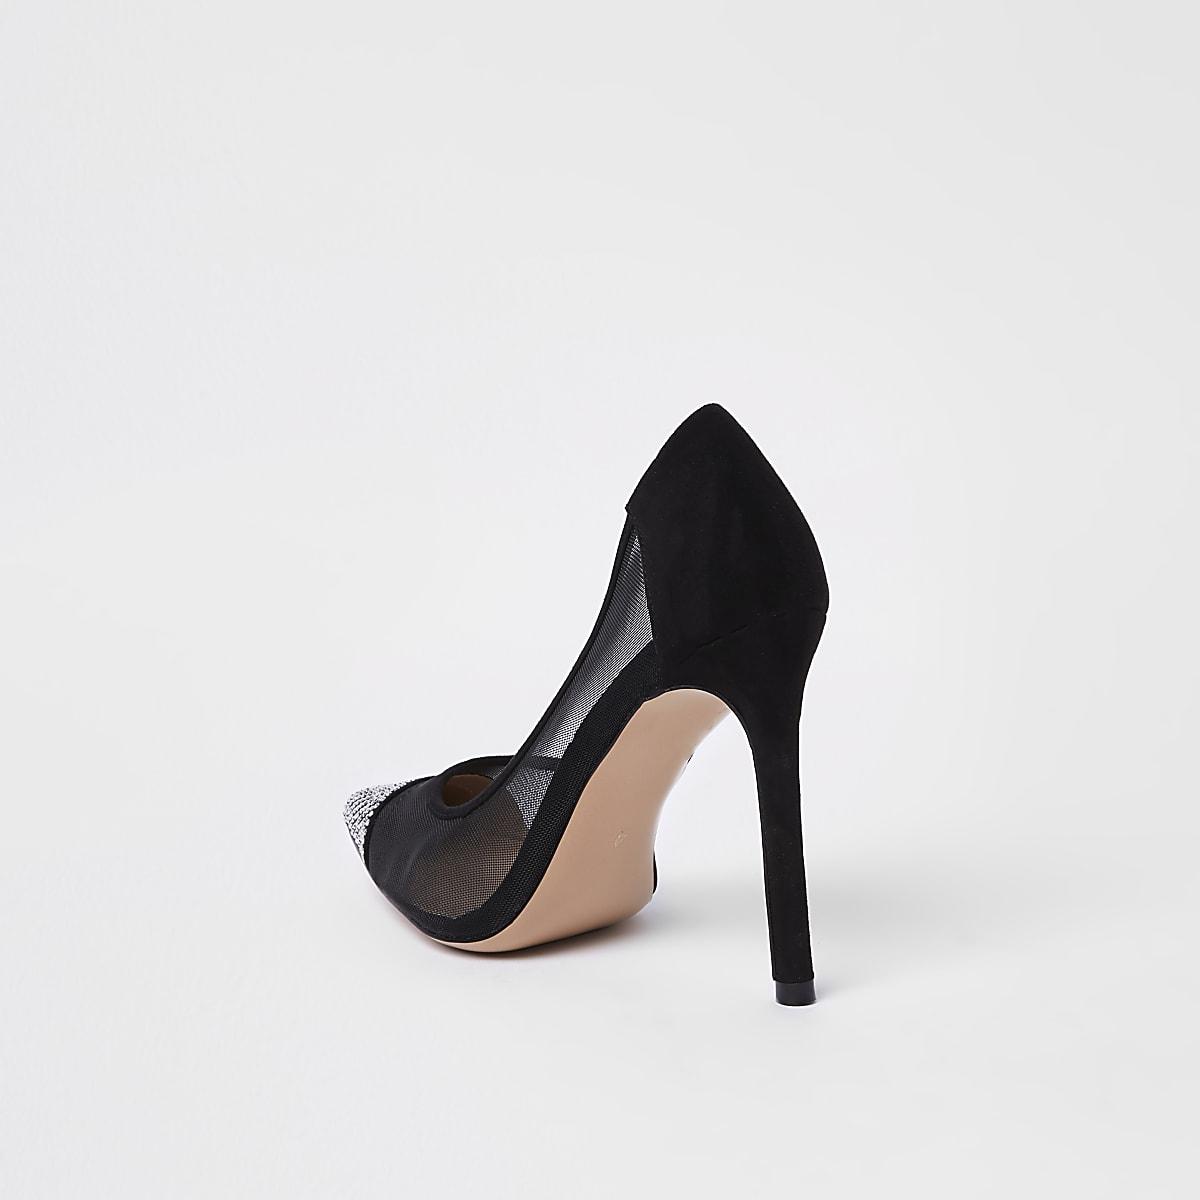 ba89e7541ff49f Escarpins en tulle noirs ornés de strass - Chaussures - Chaussures ...